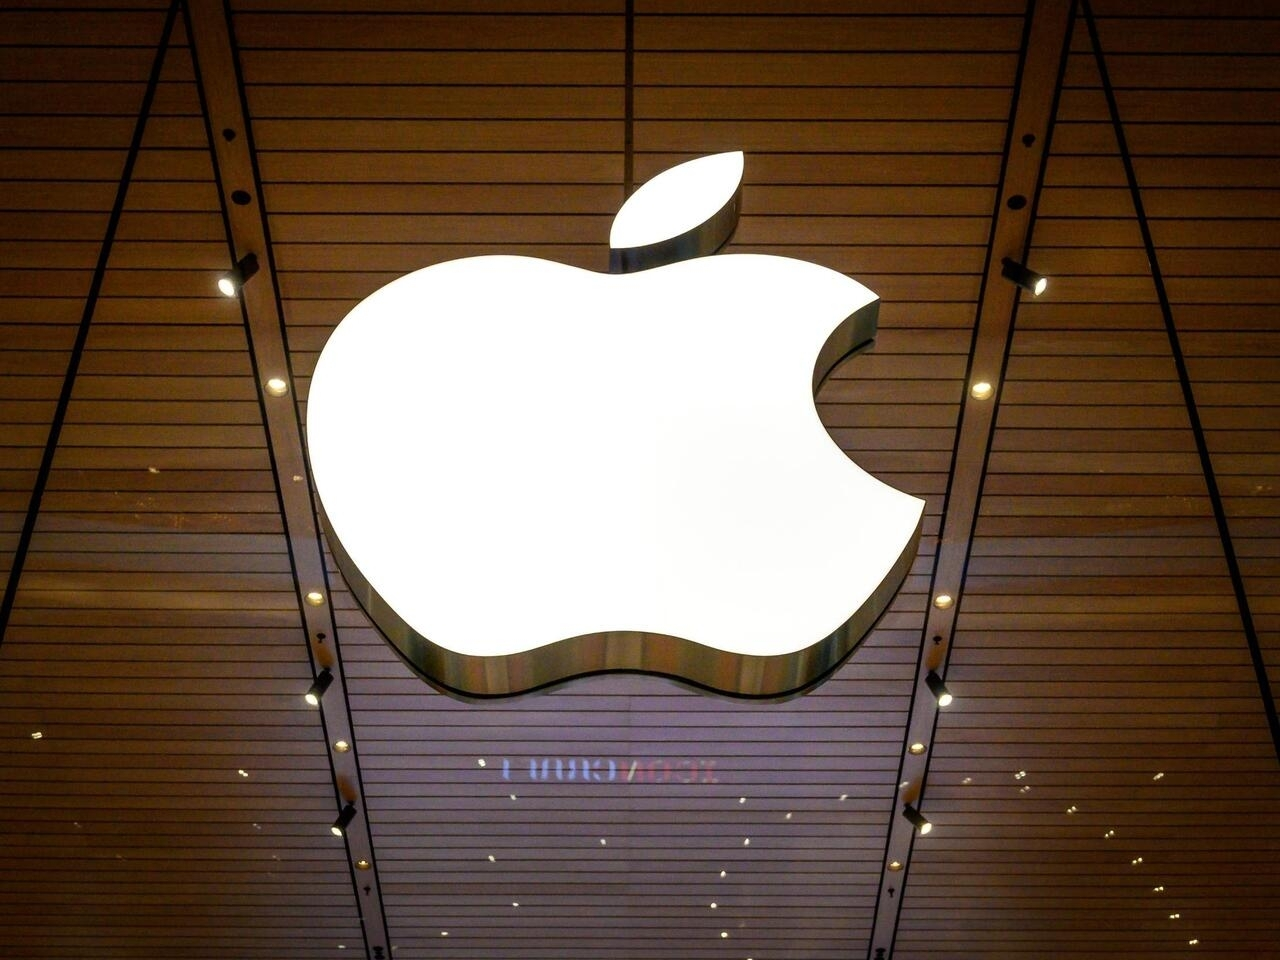 Apple busca detectar imágenes de abuso sexual infantil en sus teléfonos y  servidores - France 24